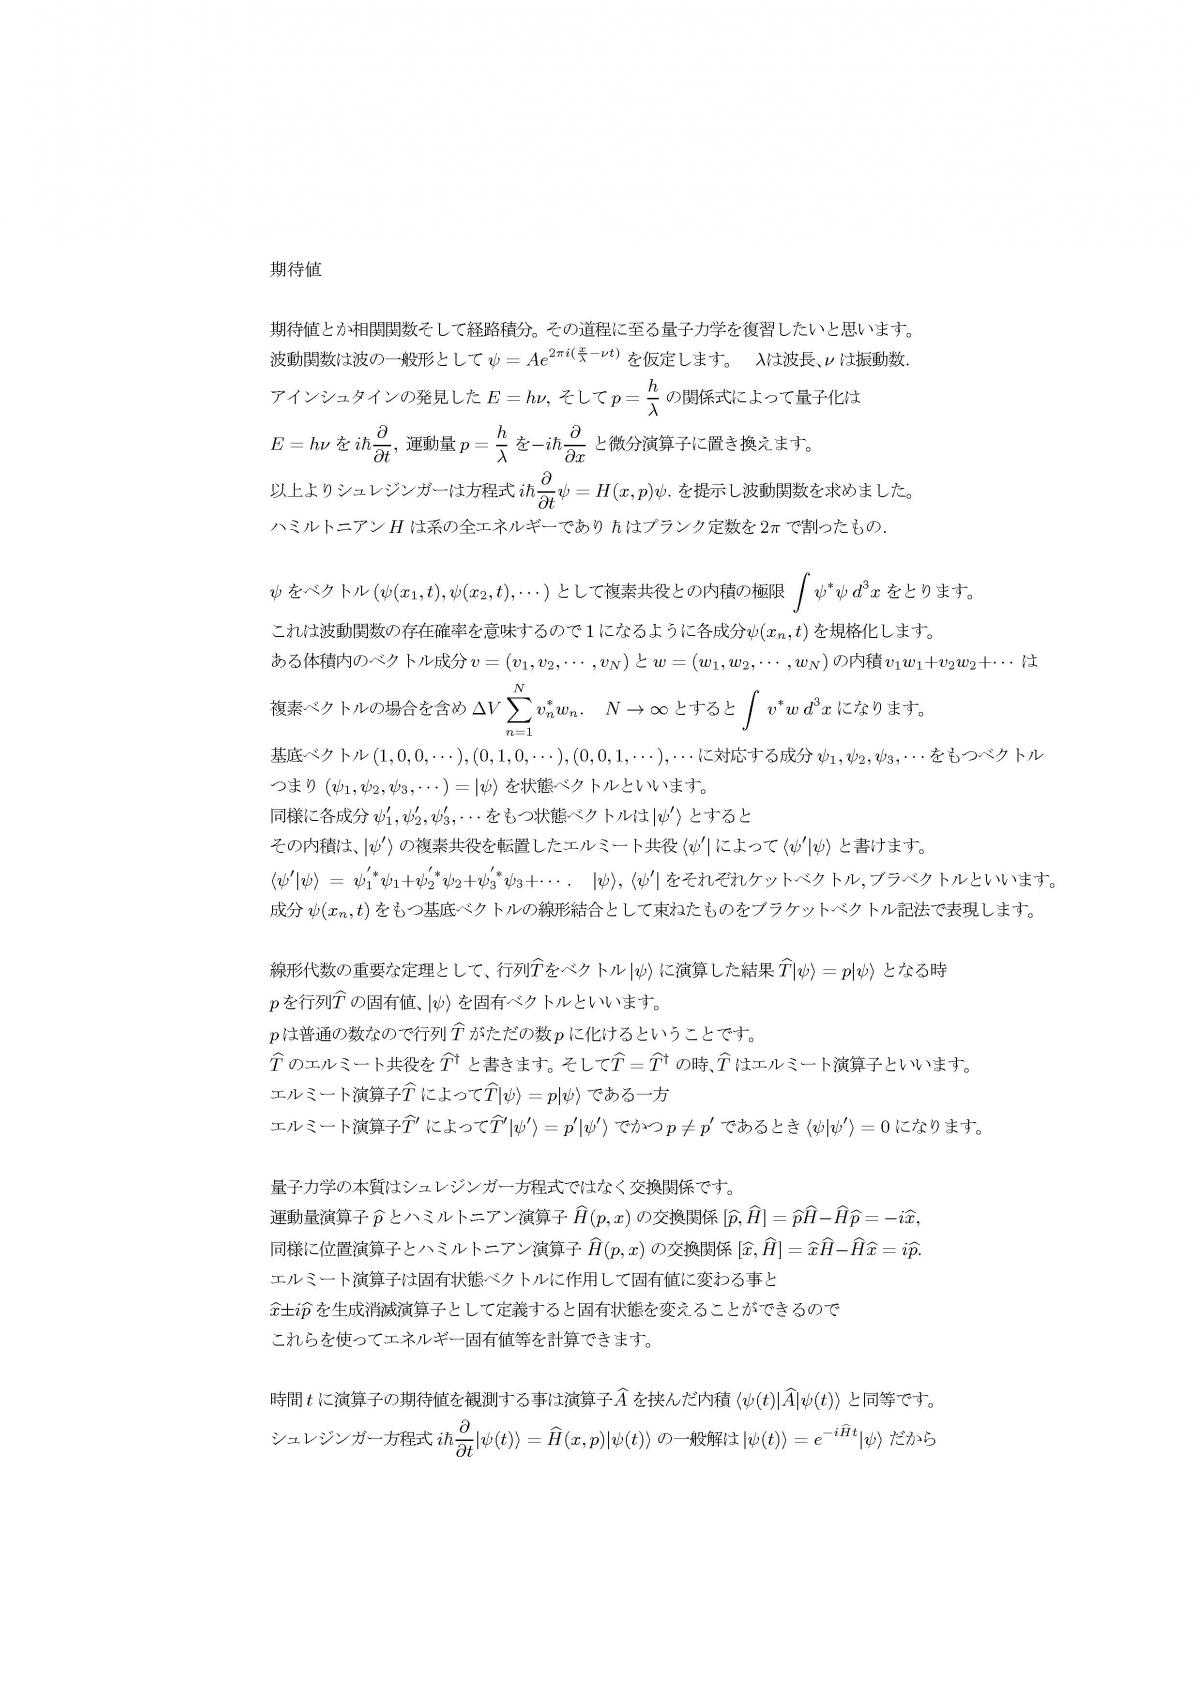 pgen18a.jpg